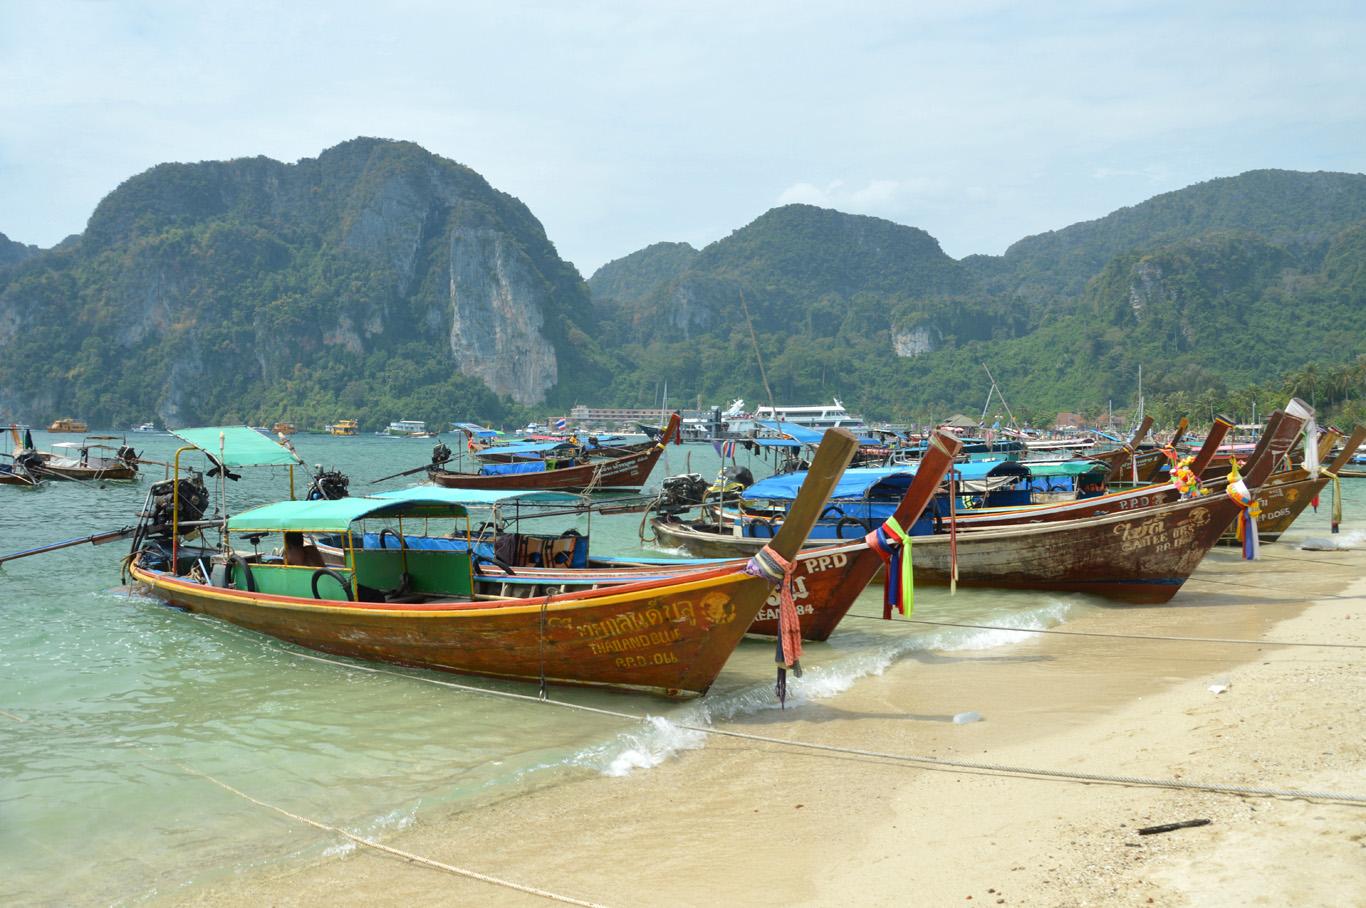 Wooden boats at Ko Phi Phi Don